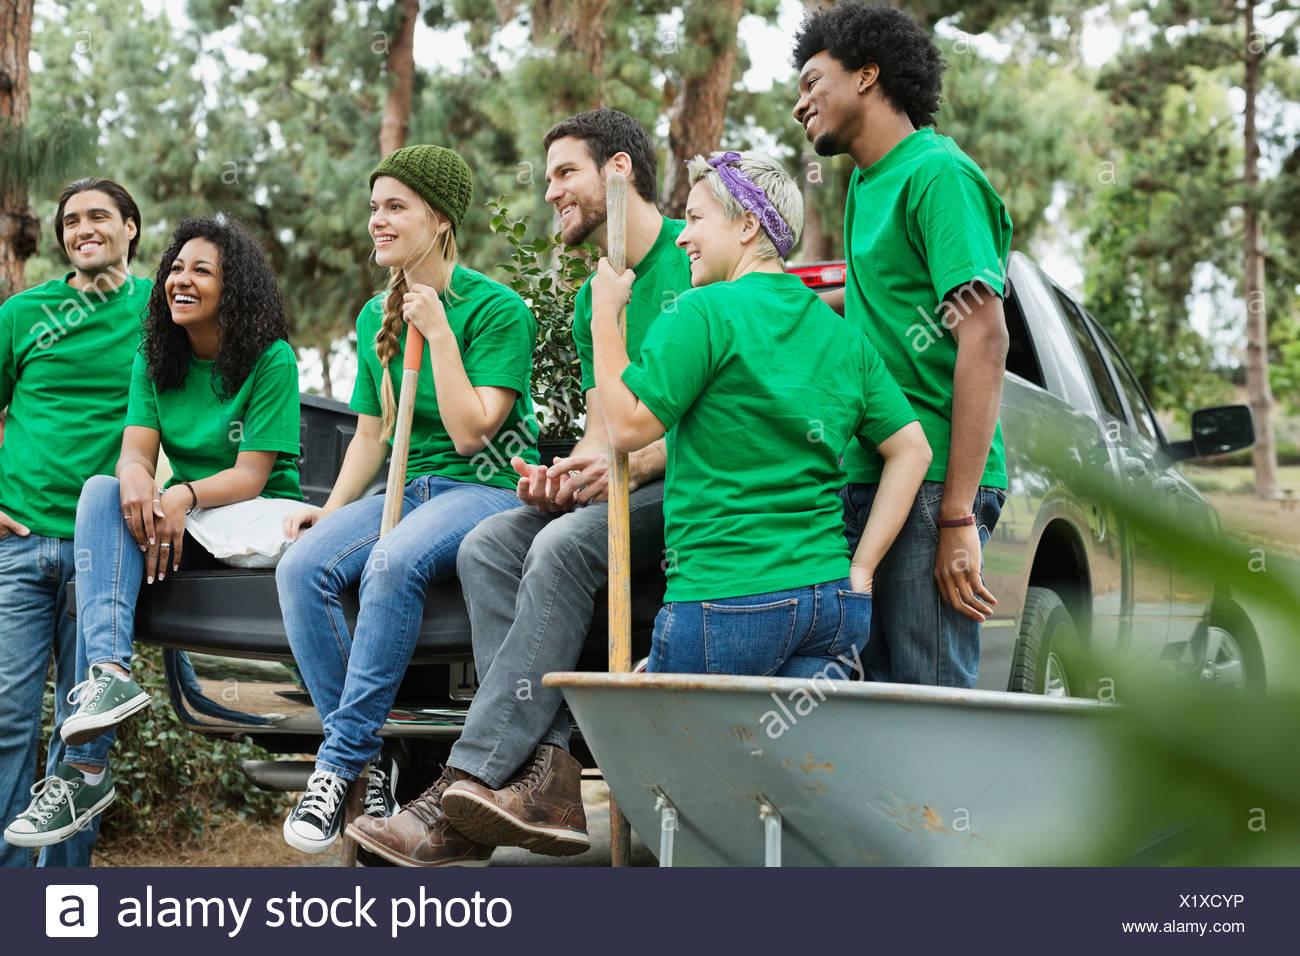 Groupe d'équipe de nettoyage heureux assis sur hayon Photo Stock